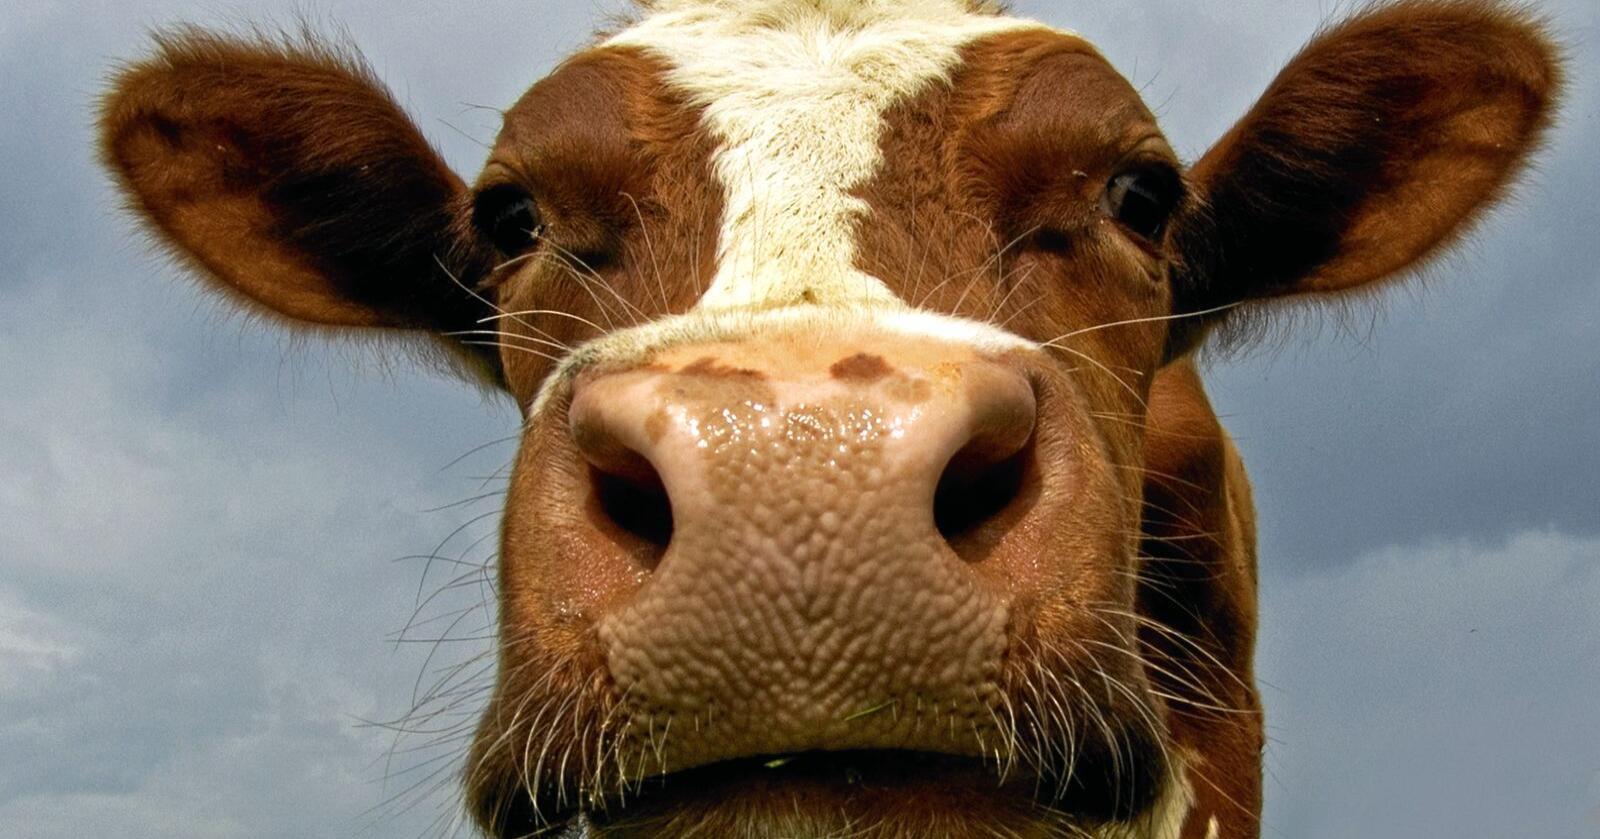 Agri Analyse gir inntrykk av at drøvtyggerne nesten bare bidrar med metan. De overser da at drøvtyggerne også er årsak til det meste av jordbrukets utslipp av lystgass og CO2, skriver forfatterne av debattinnlegget. Foto: Mostphotos